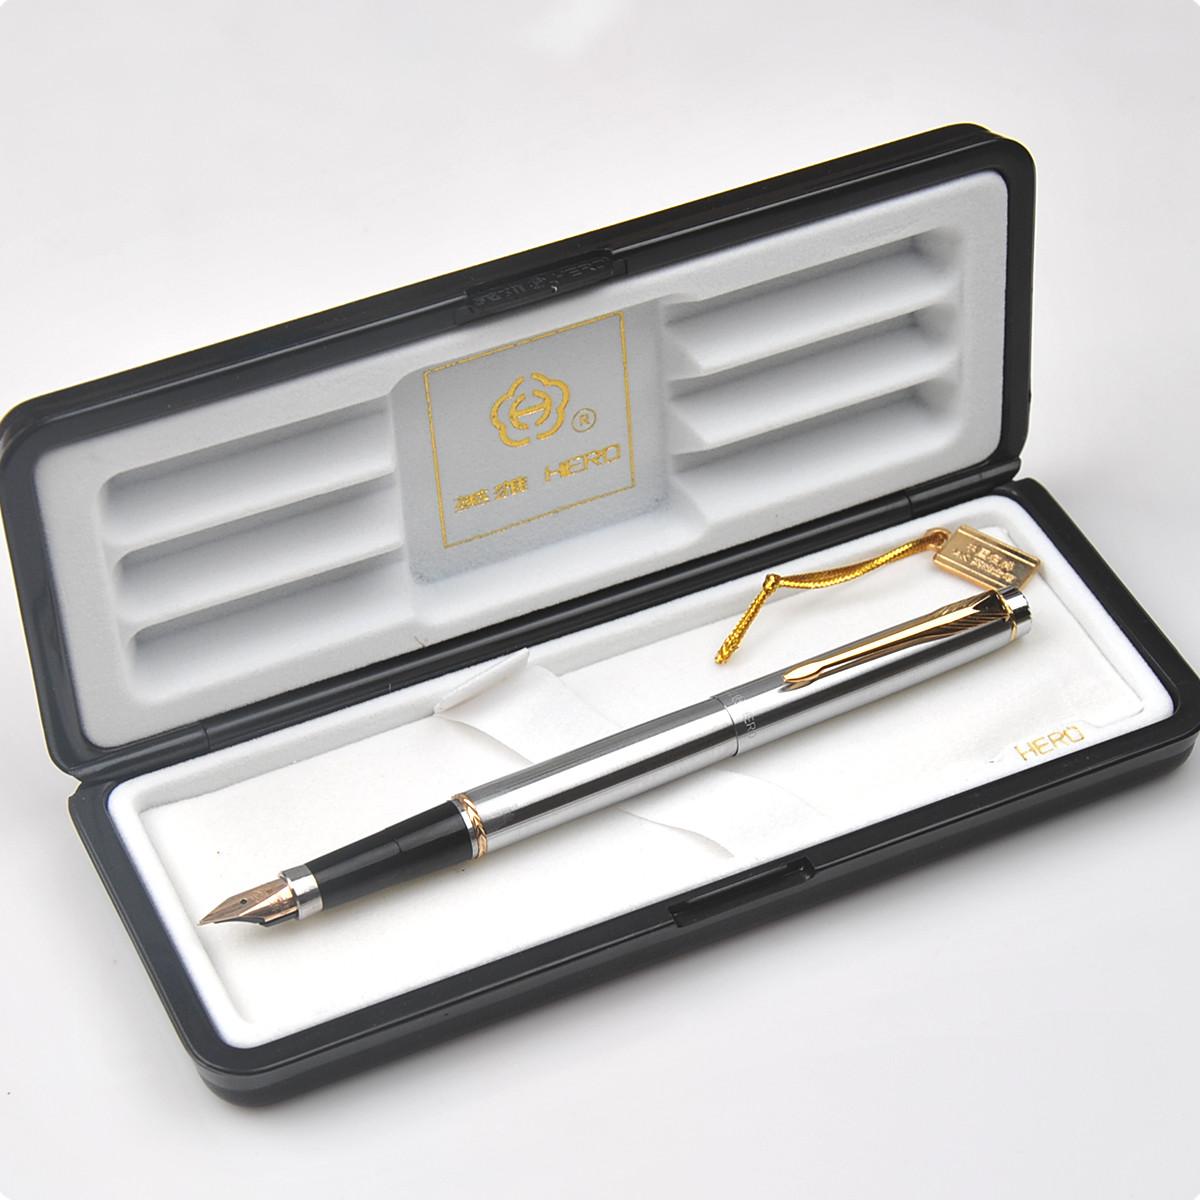 授权正品英雄钢笔  英雄200A全钢白夹14K金笔墨水笔 财务书写专用